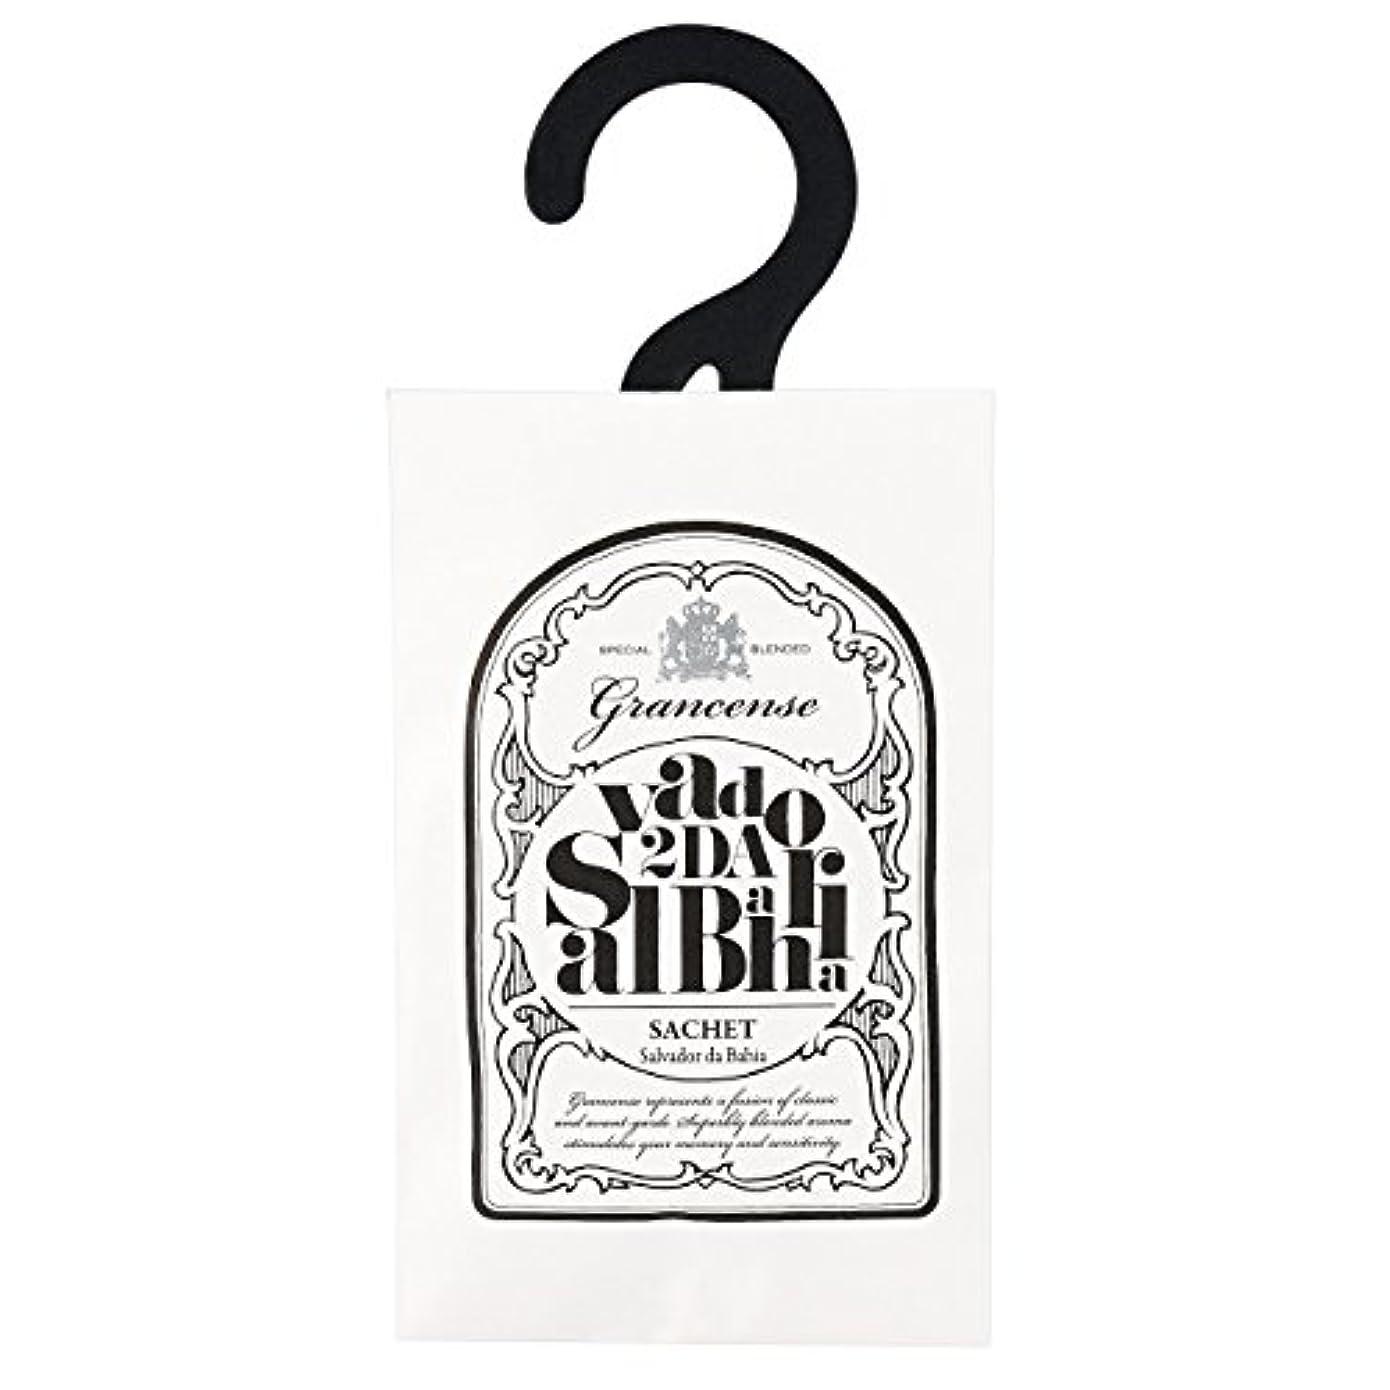 マイク花瓶フィクショングランセンス サシェ(約2~4週間) サルバドール 12g(芳香剤 香り袋 アロマサシェ ライムとミントの爽やかさにバニラの甘さを感じる南国のような香り)